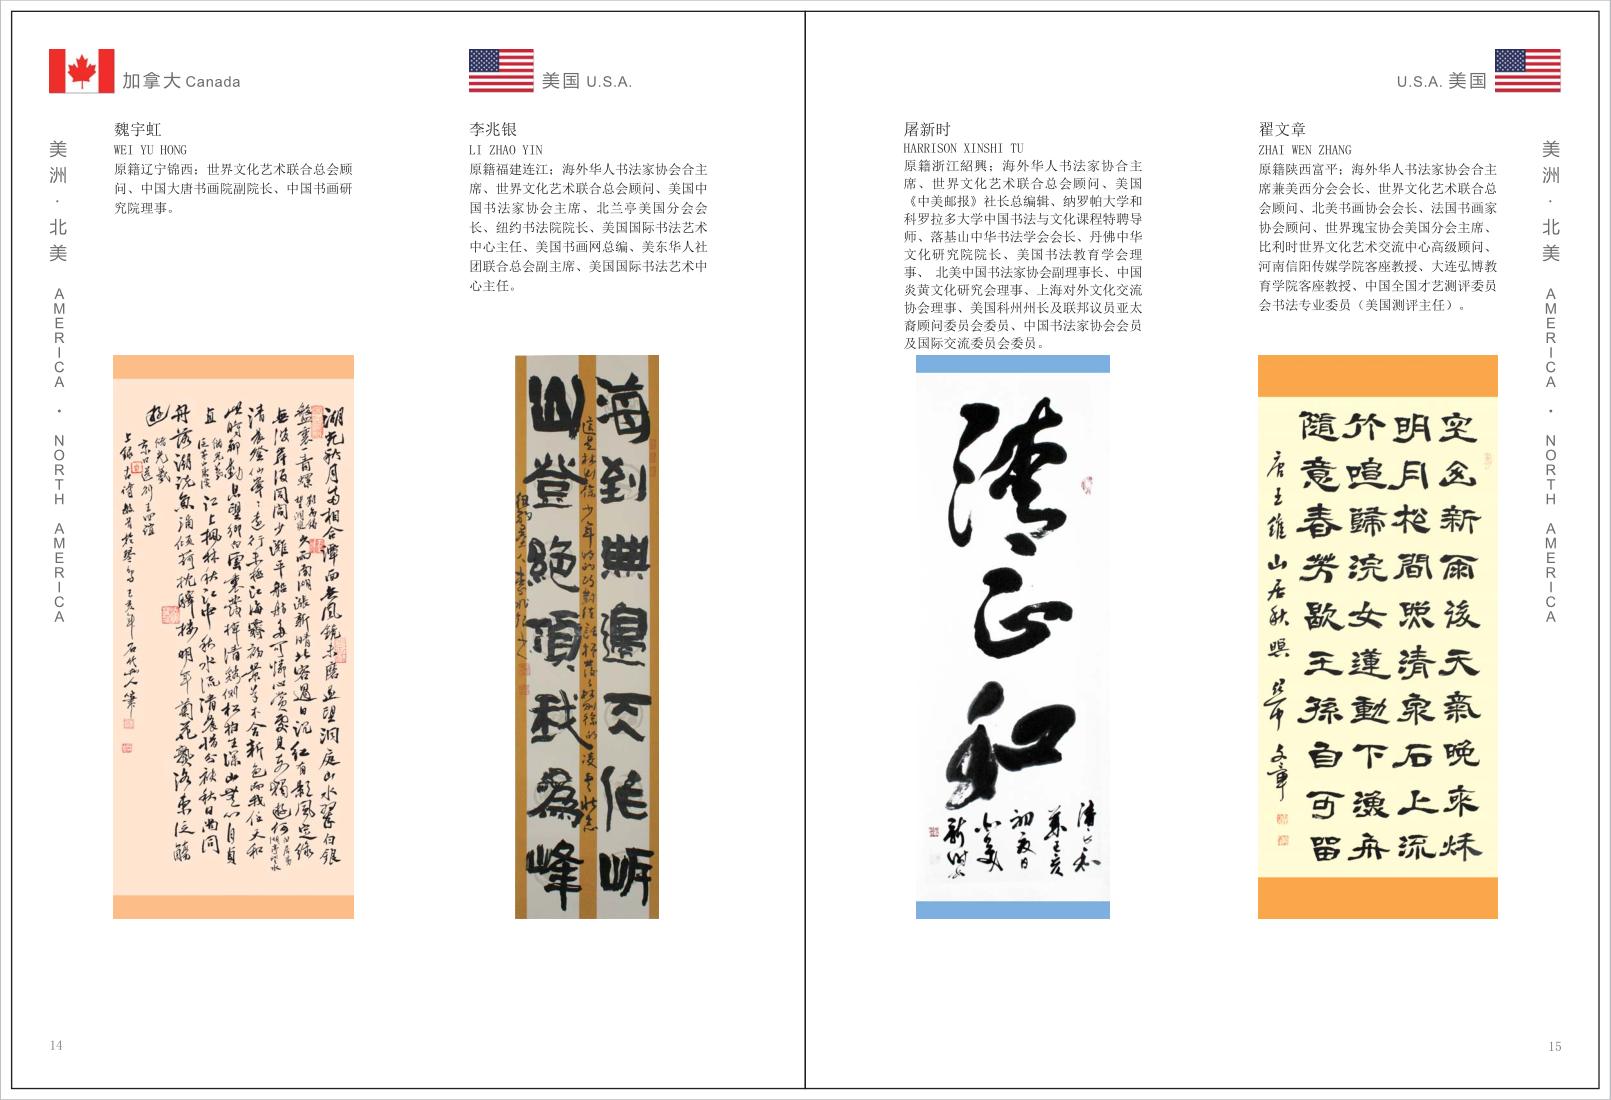 191页2_9.png